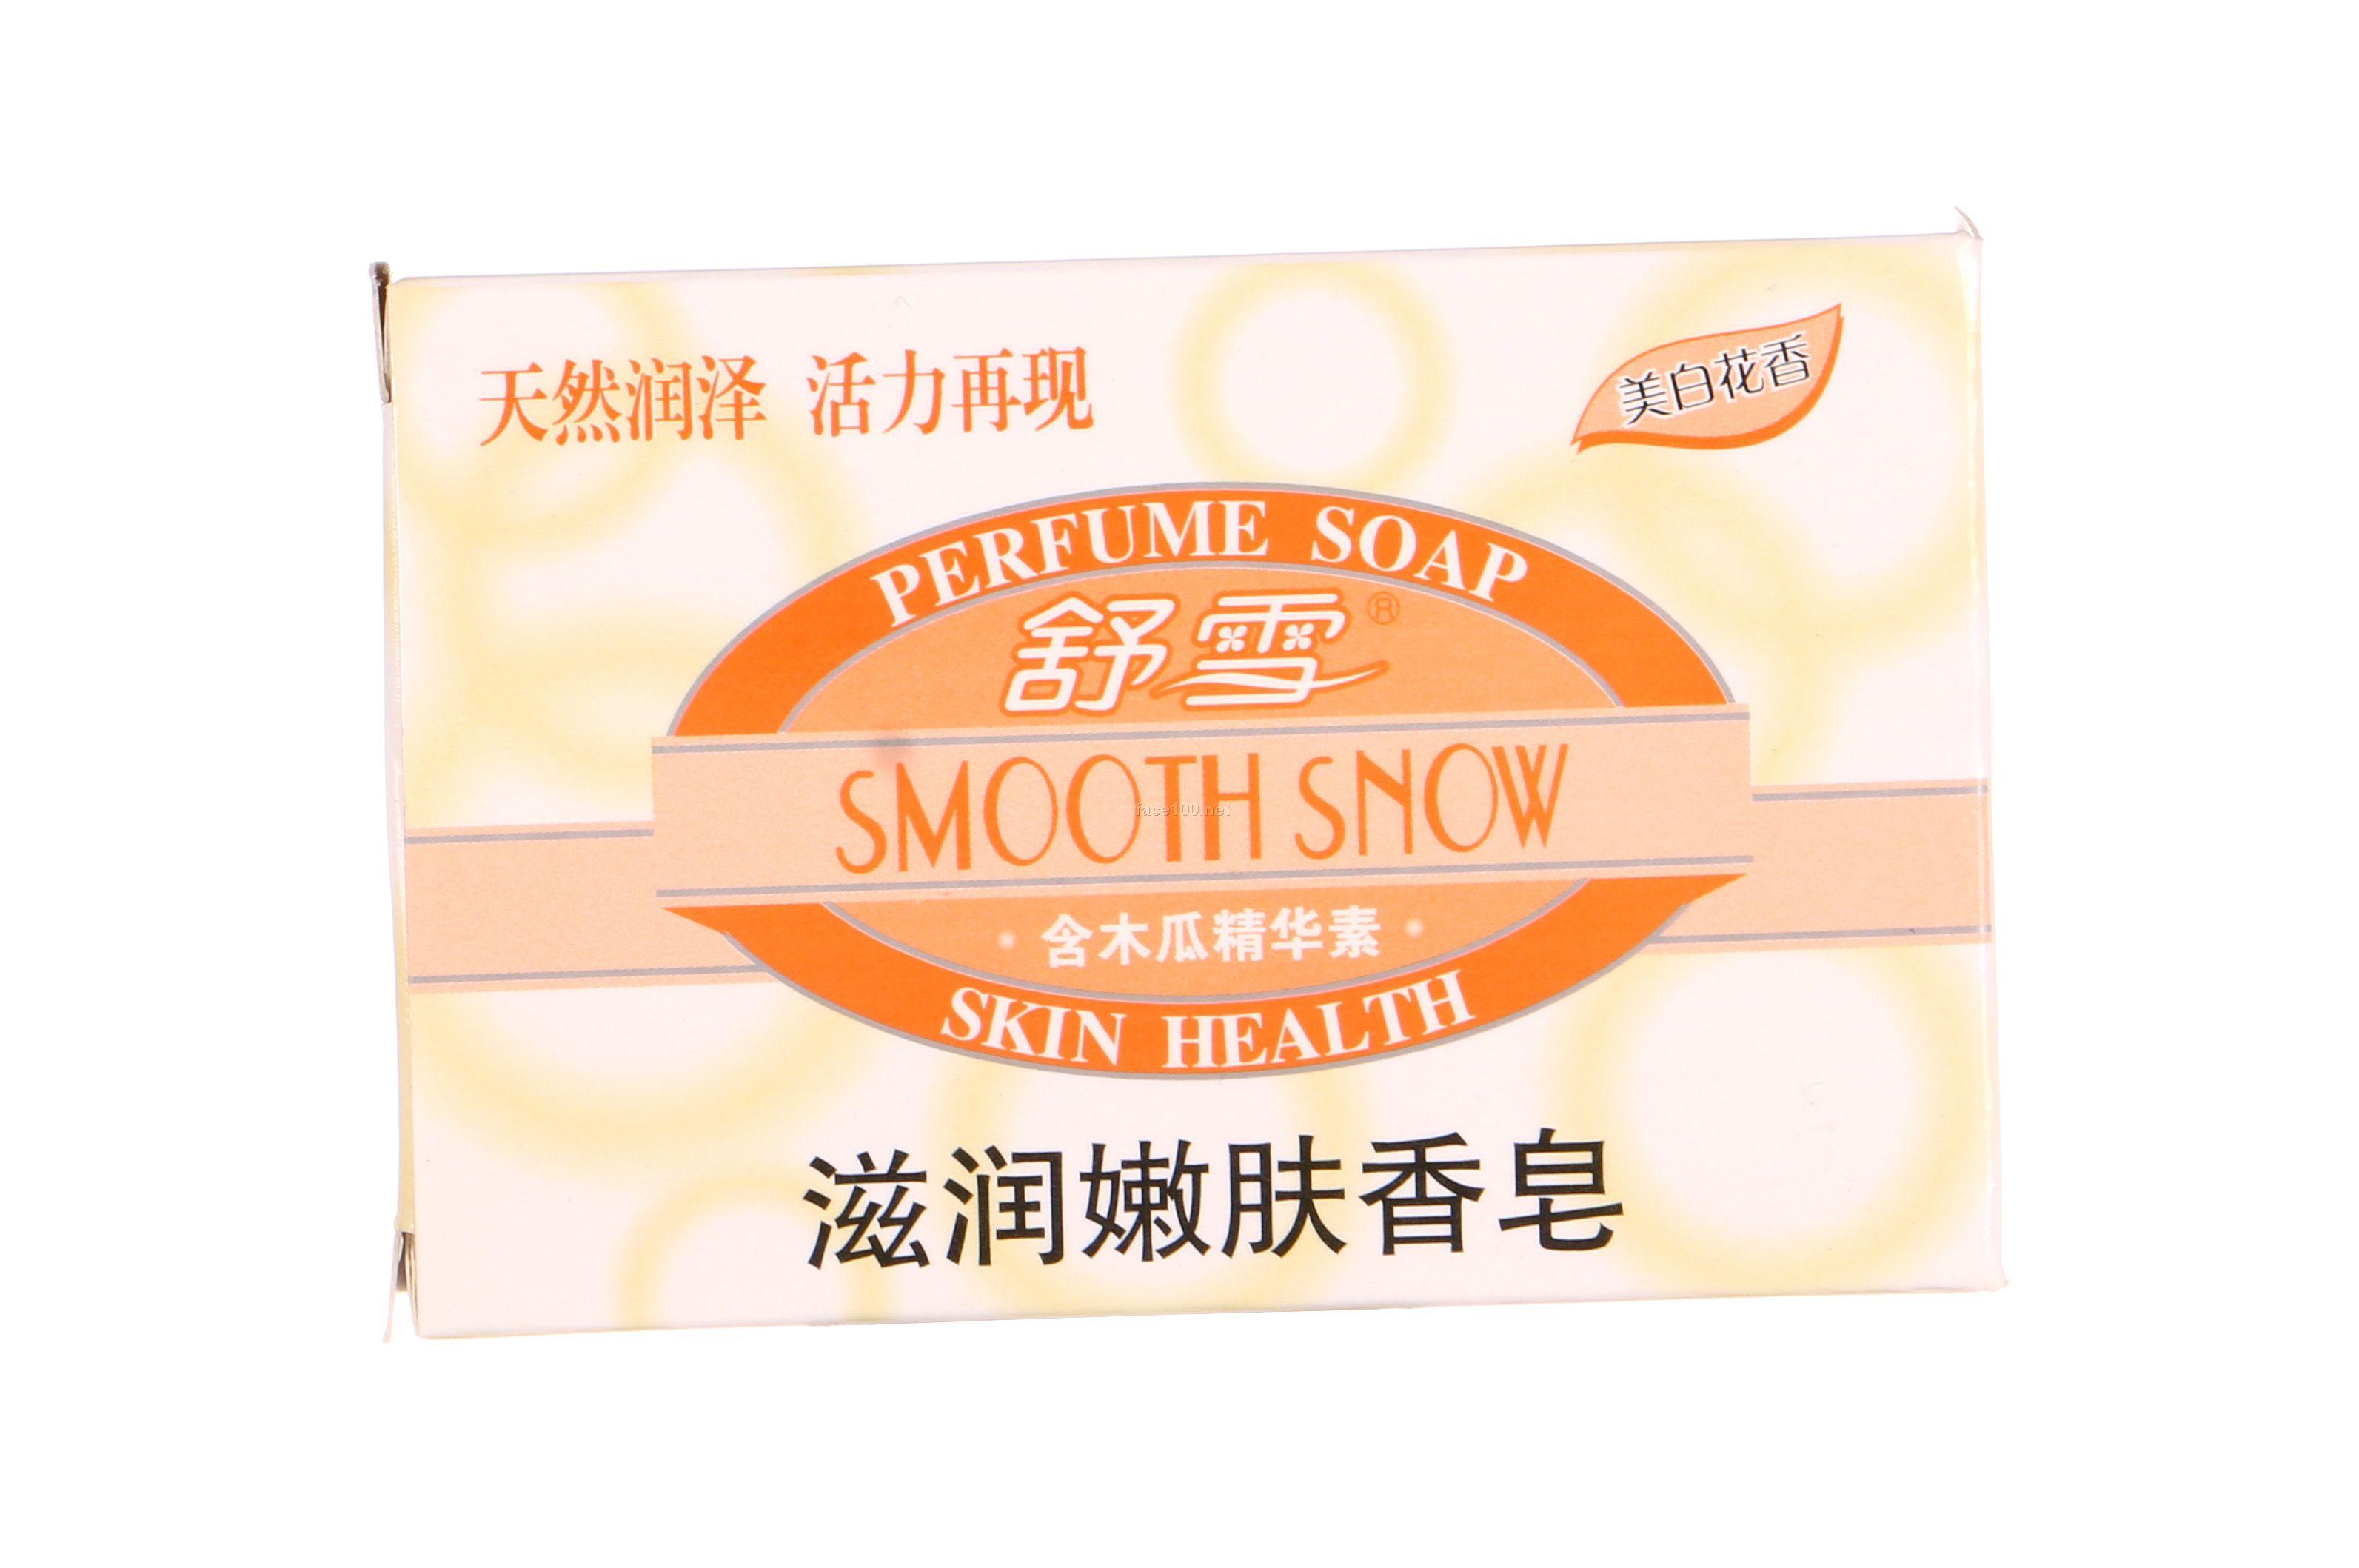 什么牌子的香皂最好